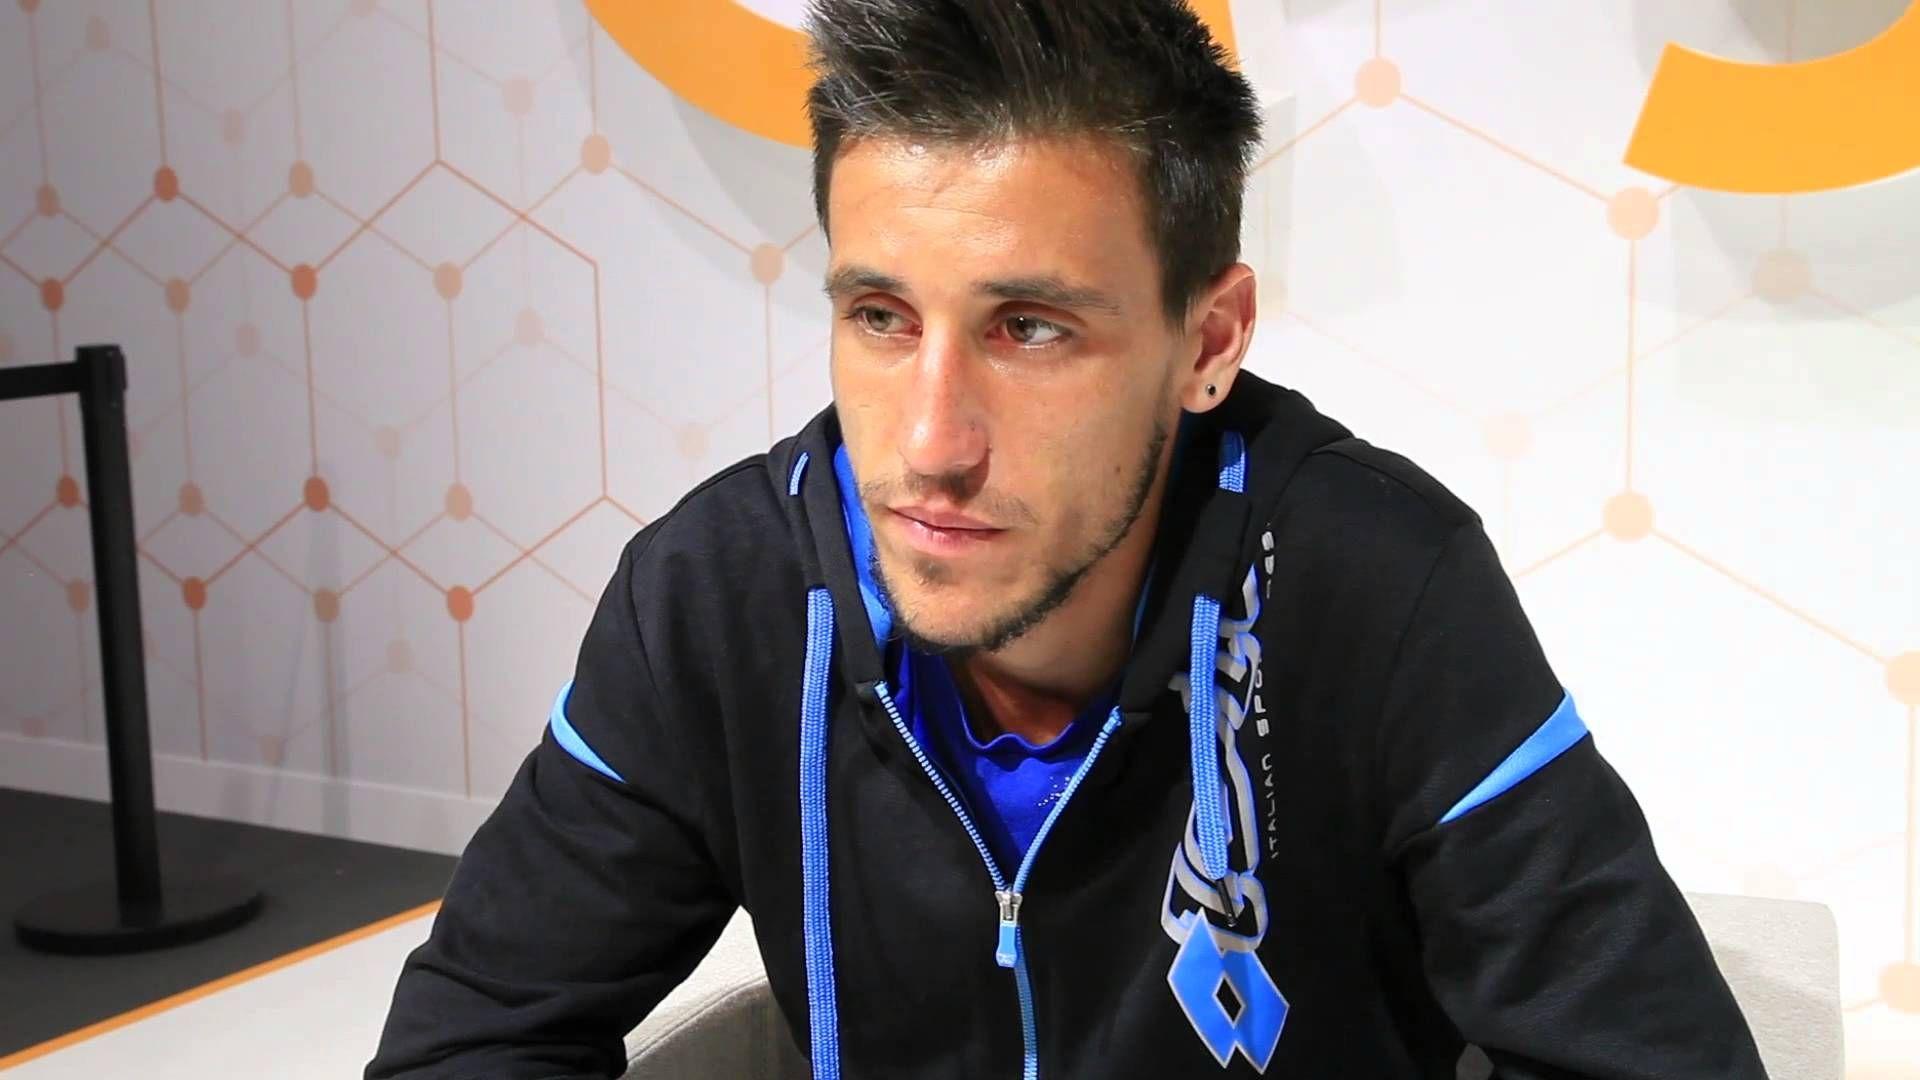 Damir Dzumhur ha avuto la possibilità di diventare attore nella sua Bosnia